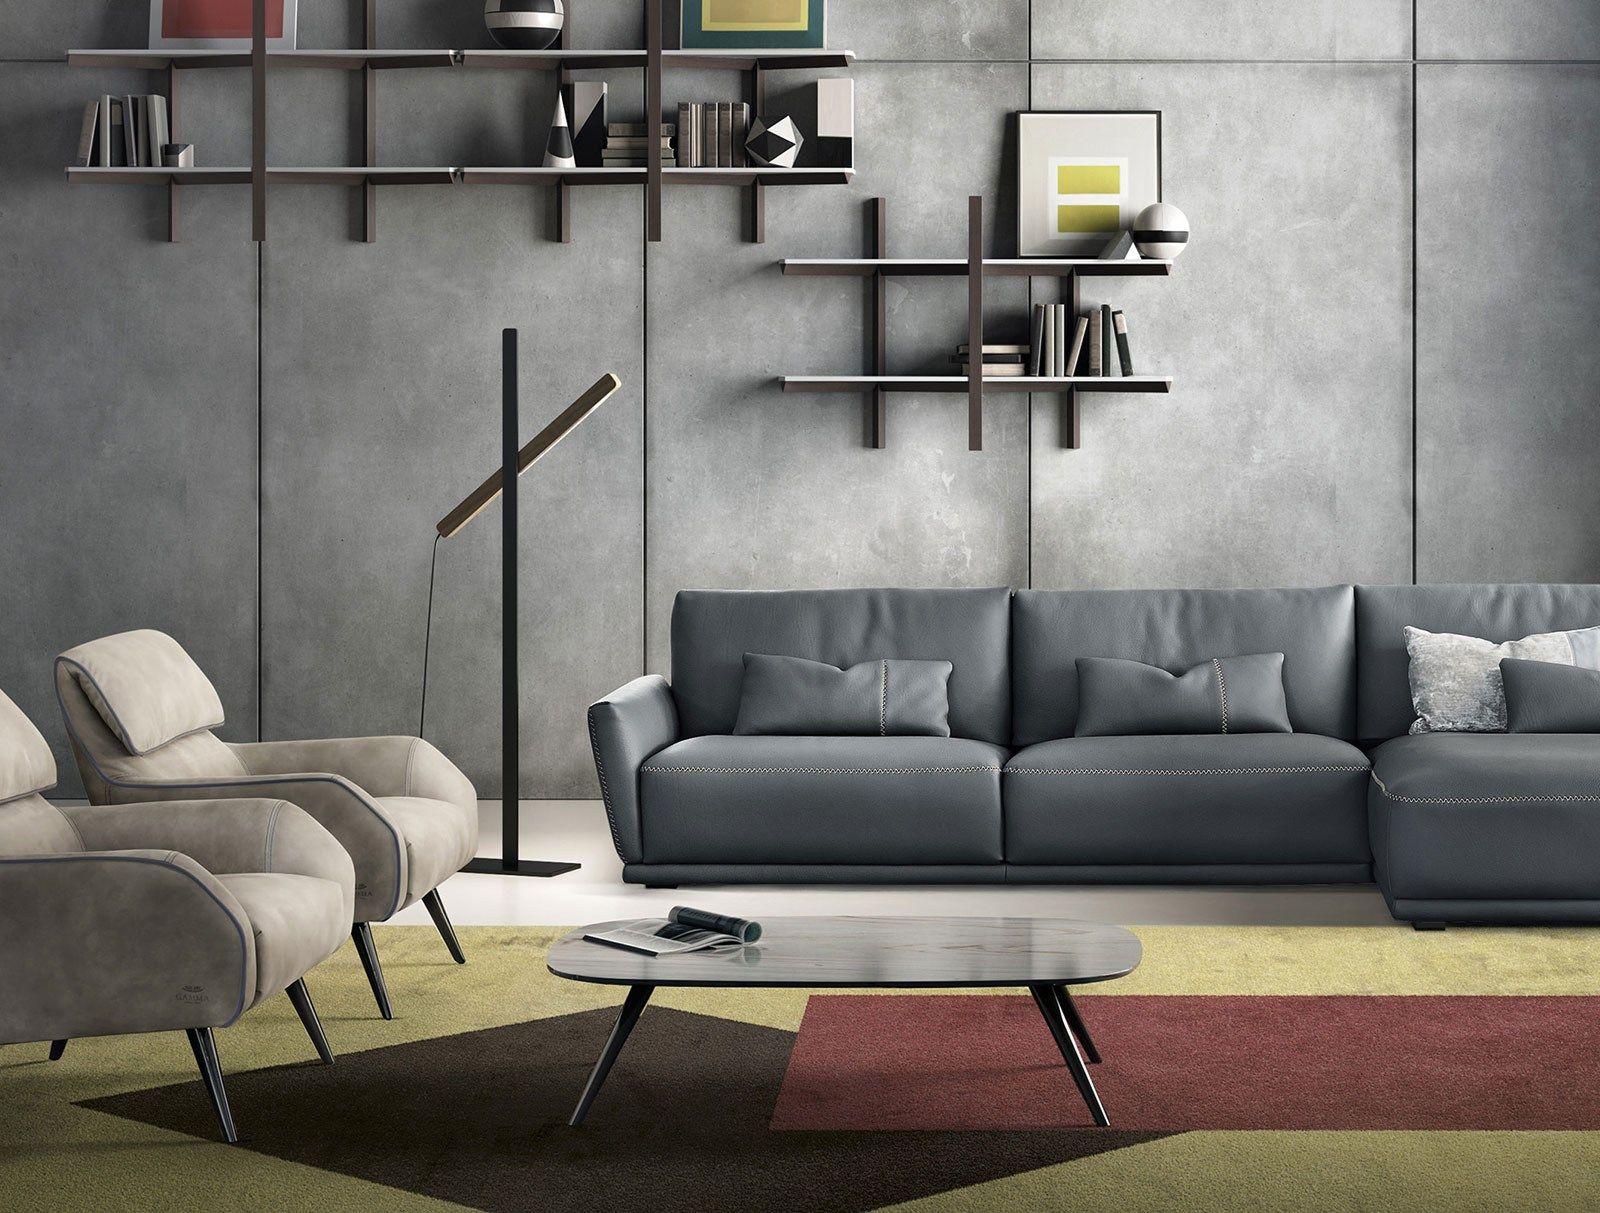 MARBELLA Tavolino da salotto by ITALY DREAM DESIGN - Kallisté